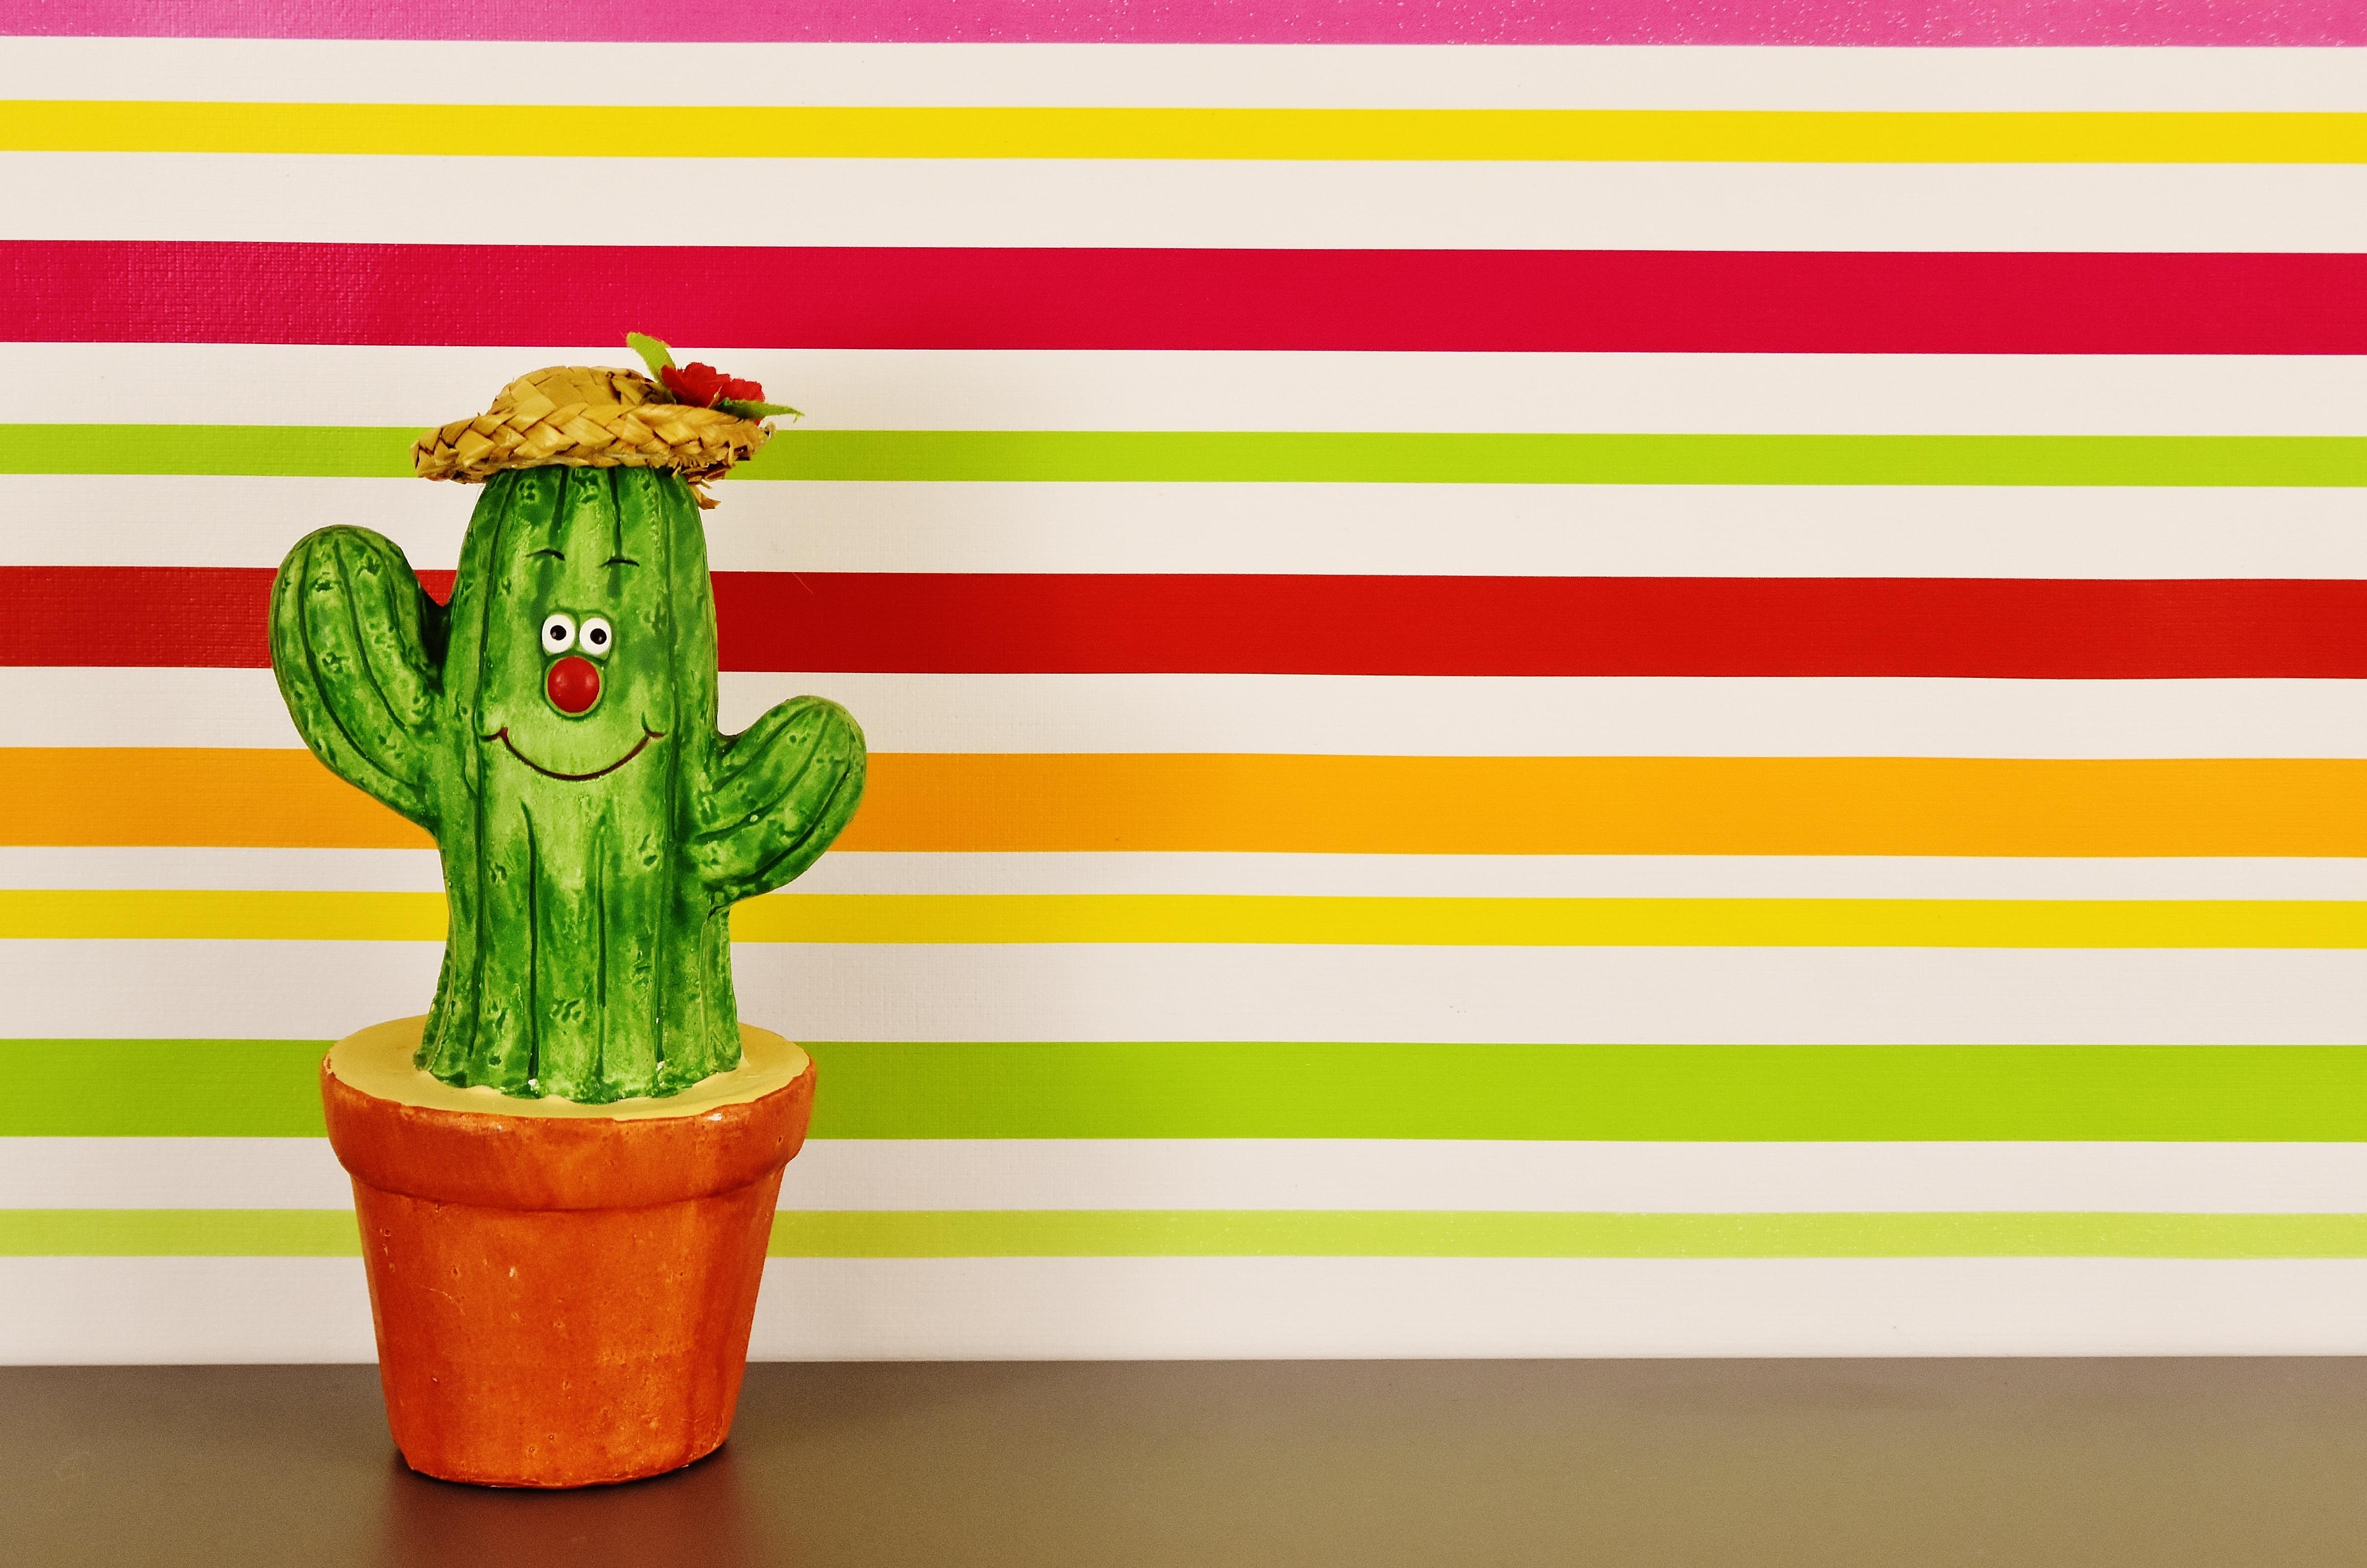 этом кактус смешной картинки юбилею выпускаются праздничные